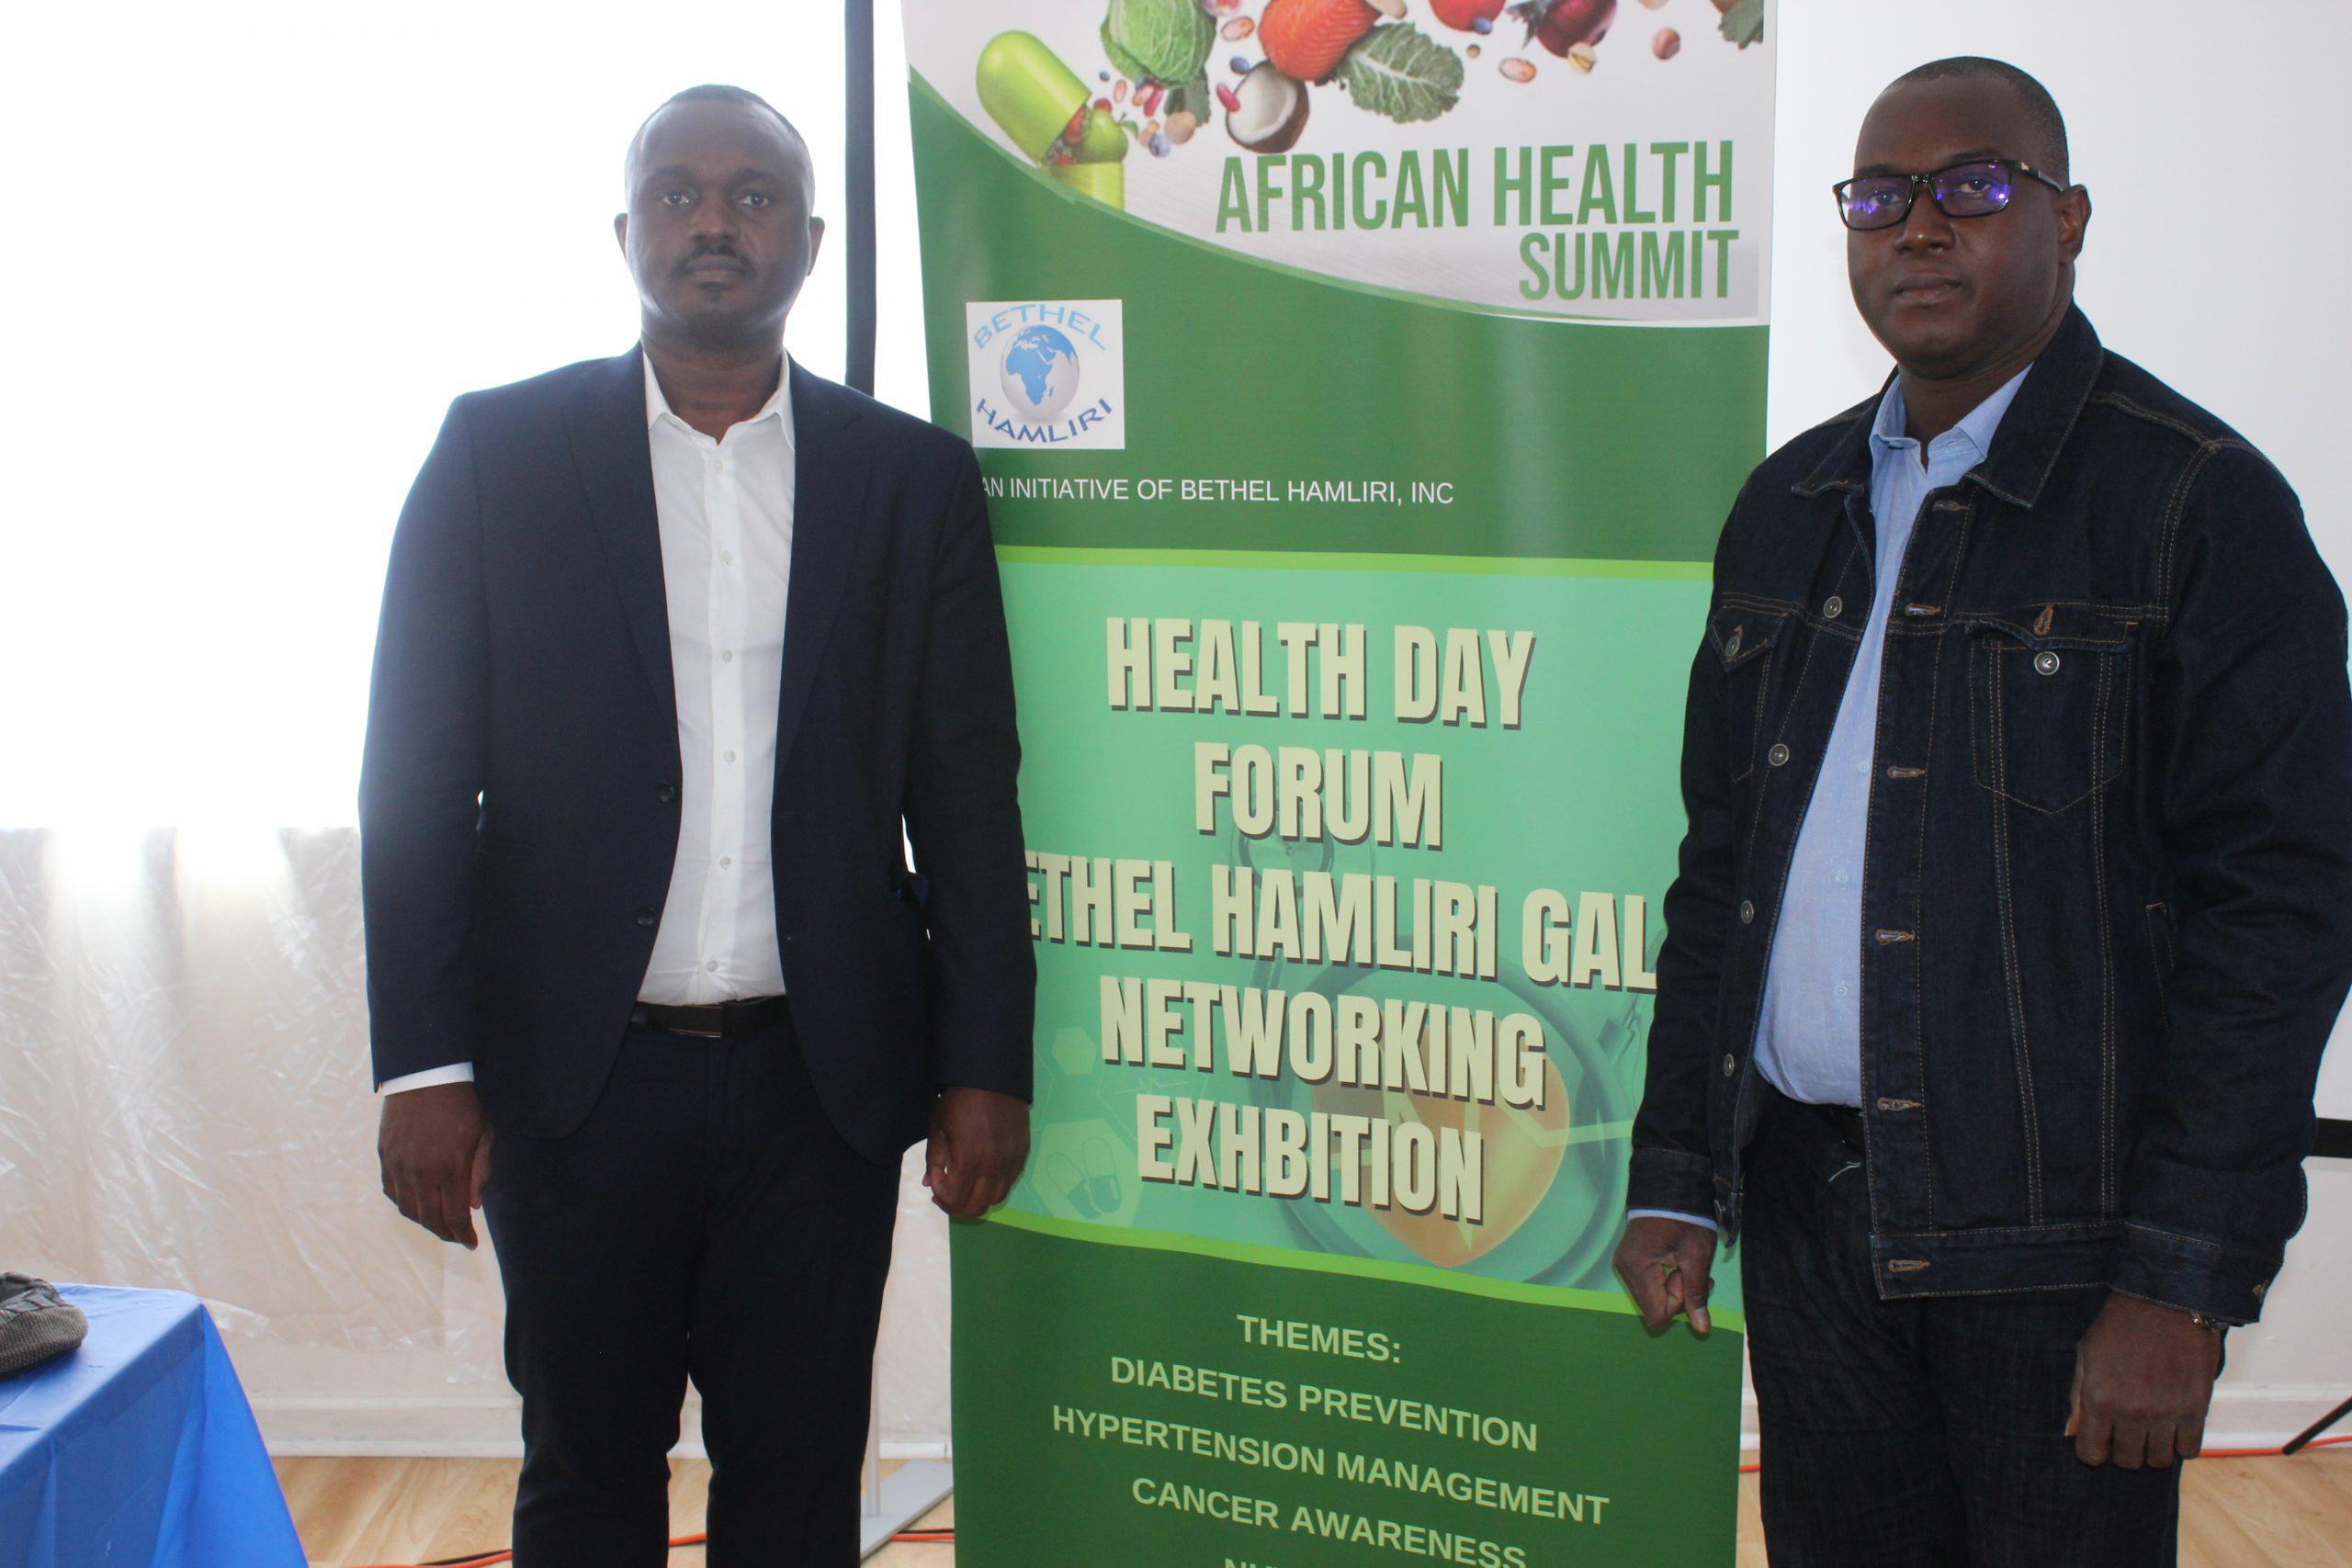 Le sommet africain sur la santé à New York: Les maladies chroniques étaient au cœur du débat